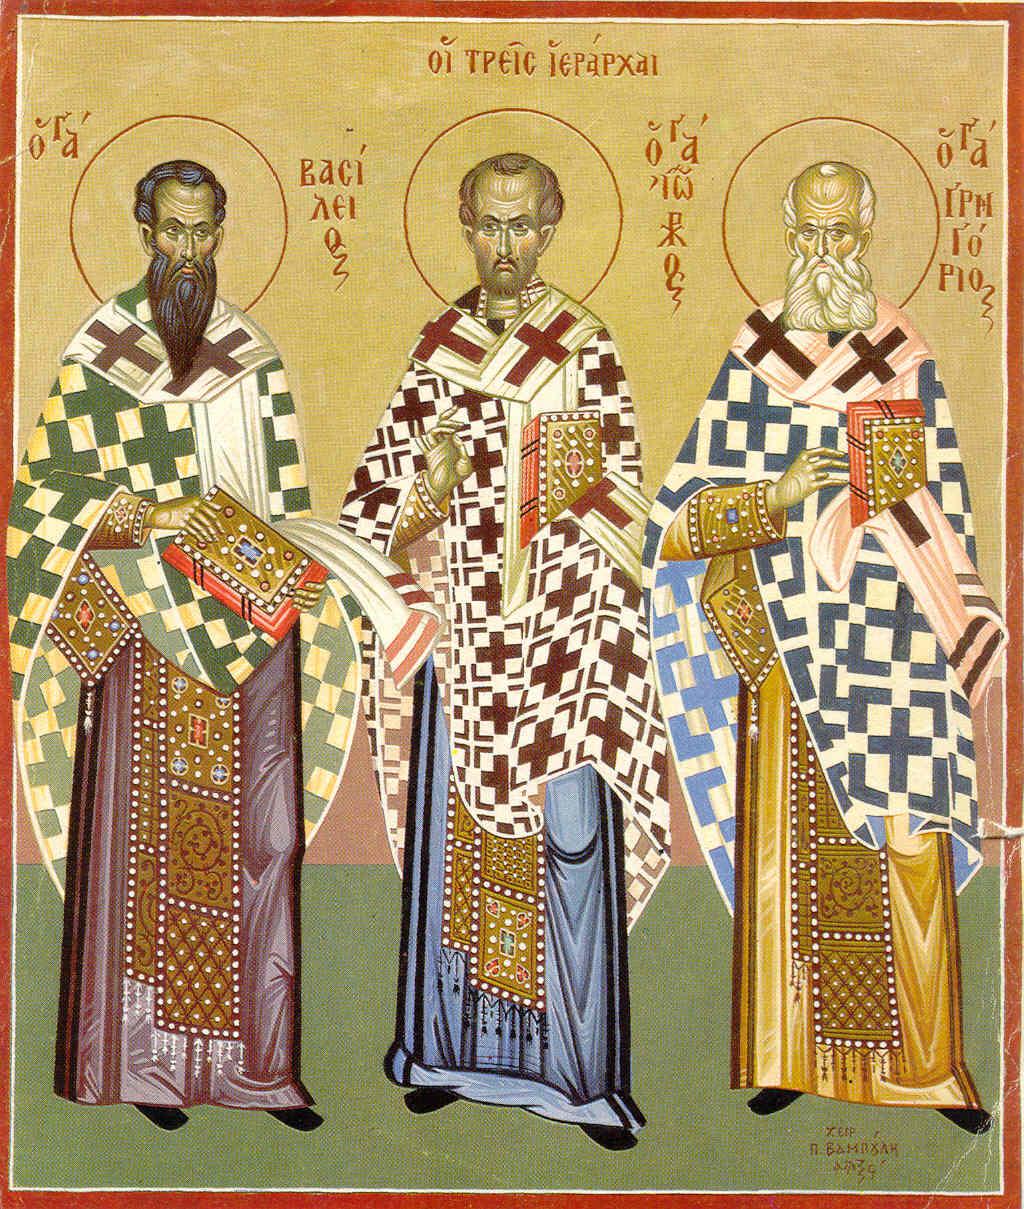 Οι Τρείς Ιεράρχαι2